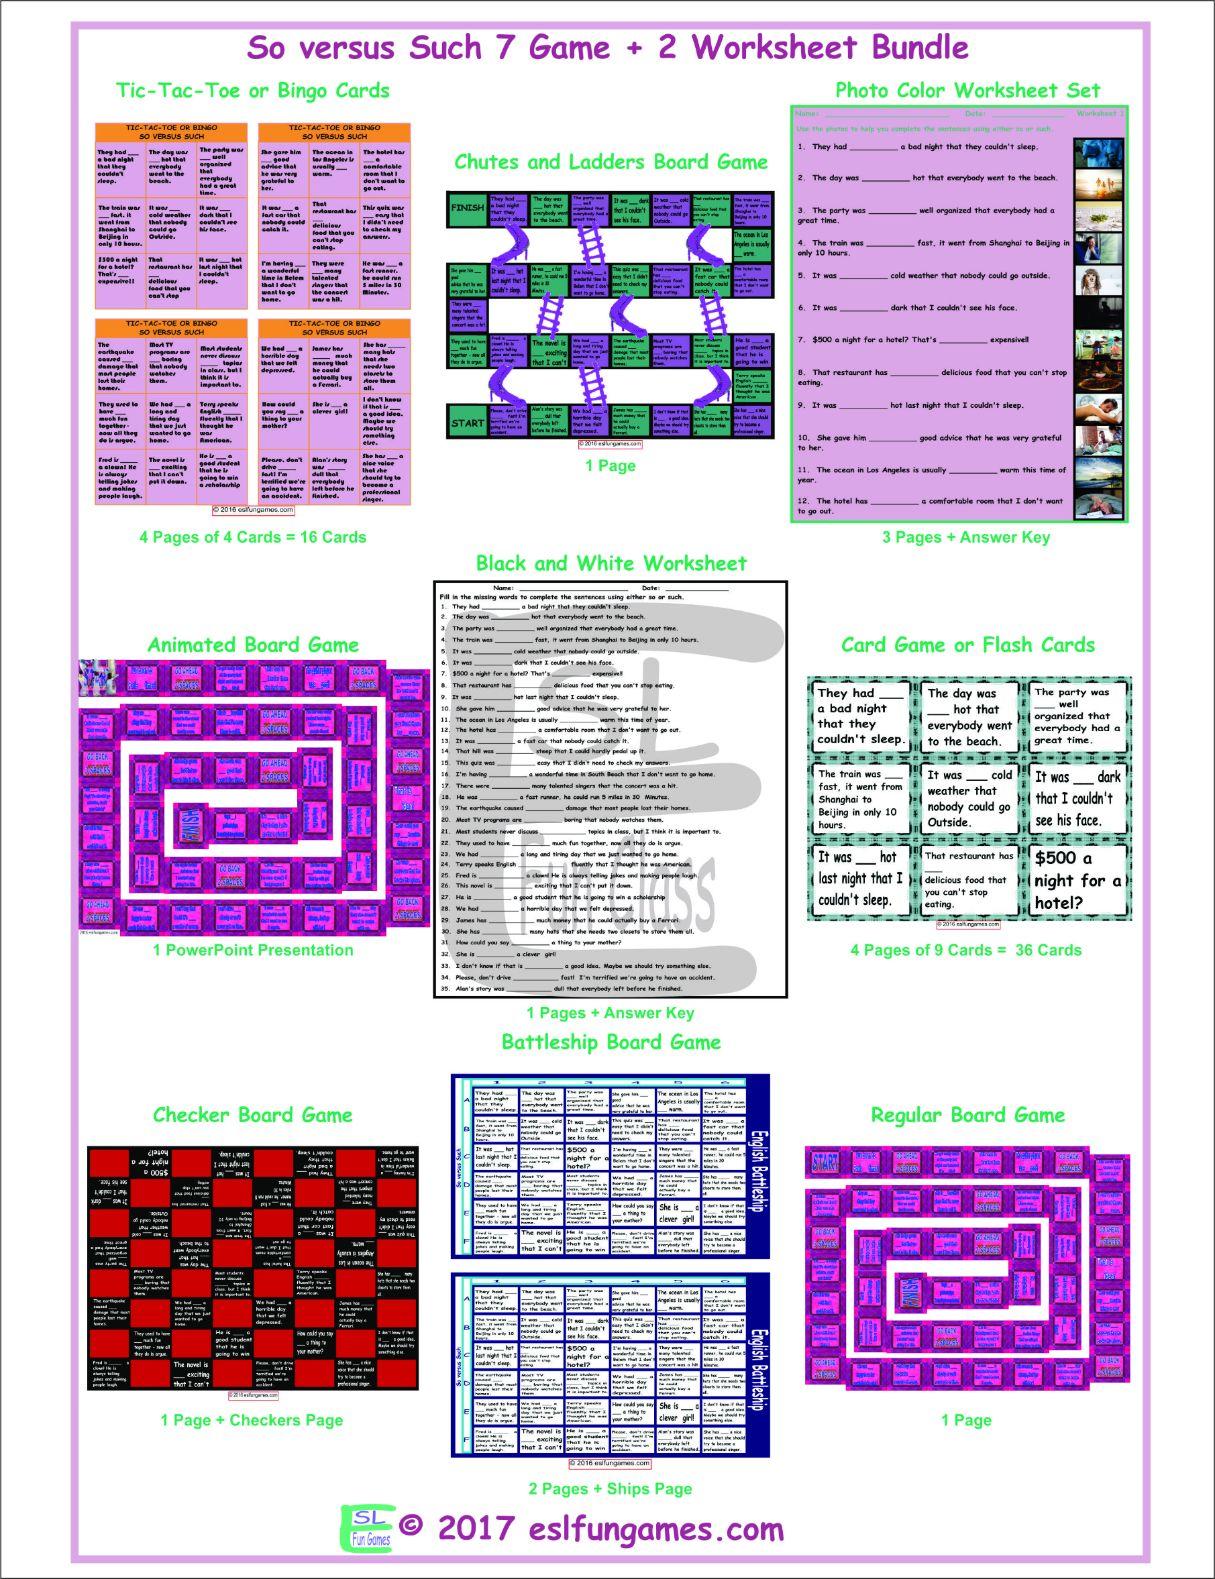 So versus Such 7 Game Plus 2 Worksheet Bundle